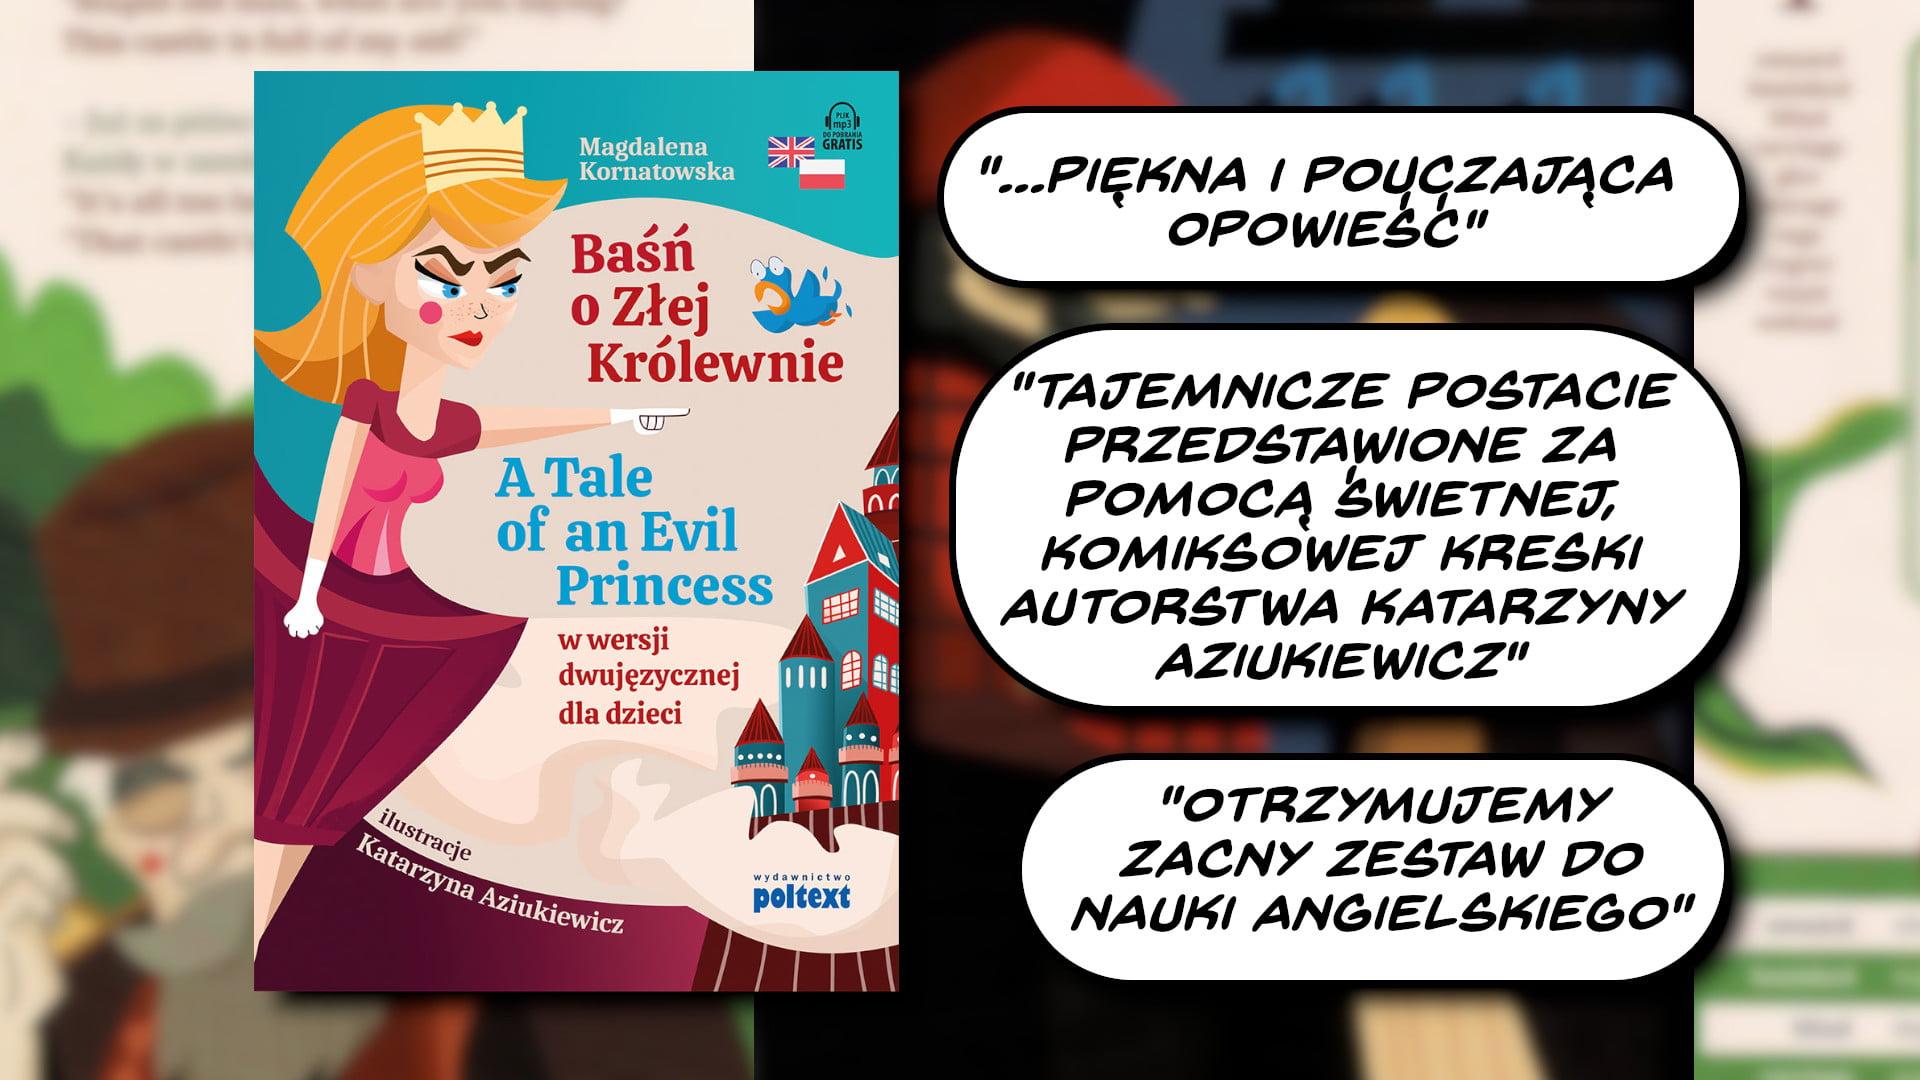 A Tale of an Evil Princess – Baśń o Złej Królewnie do nauki angielskiego dla dzieci (PL/EN)